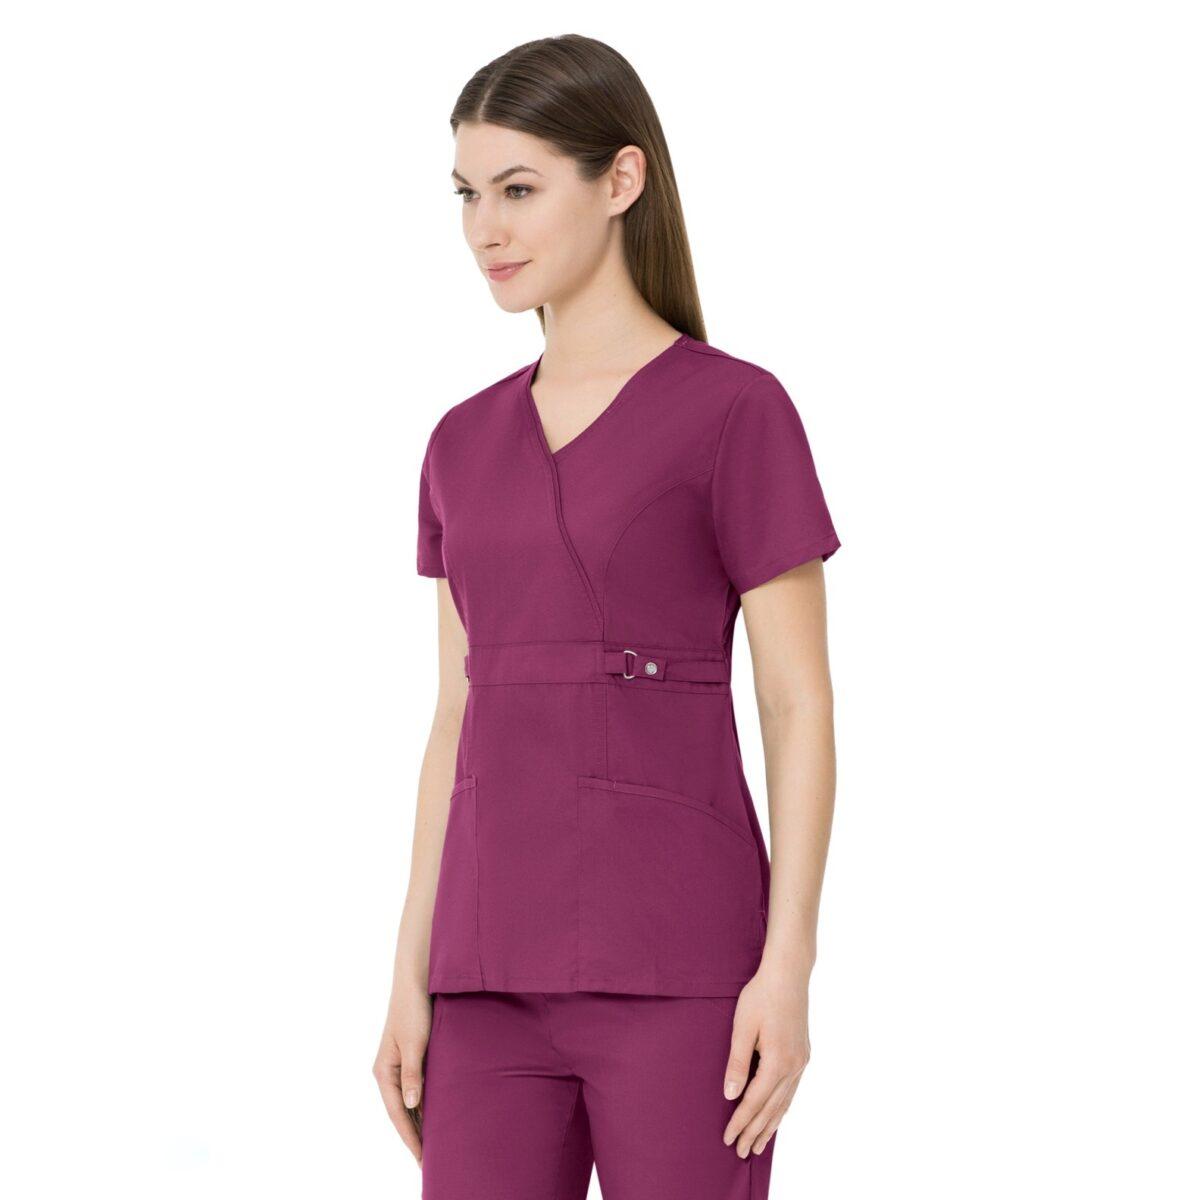 Женский медицинский костюм Revolution цвет вишневый